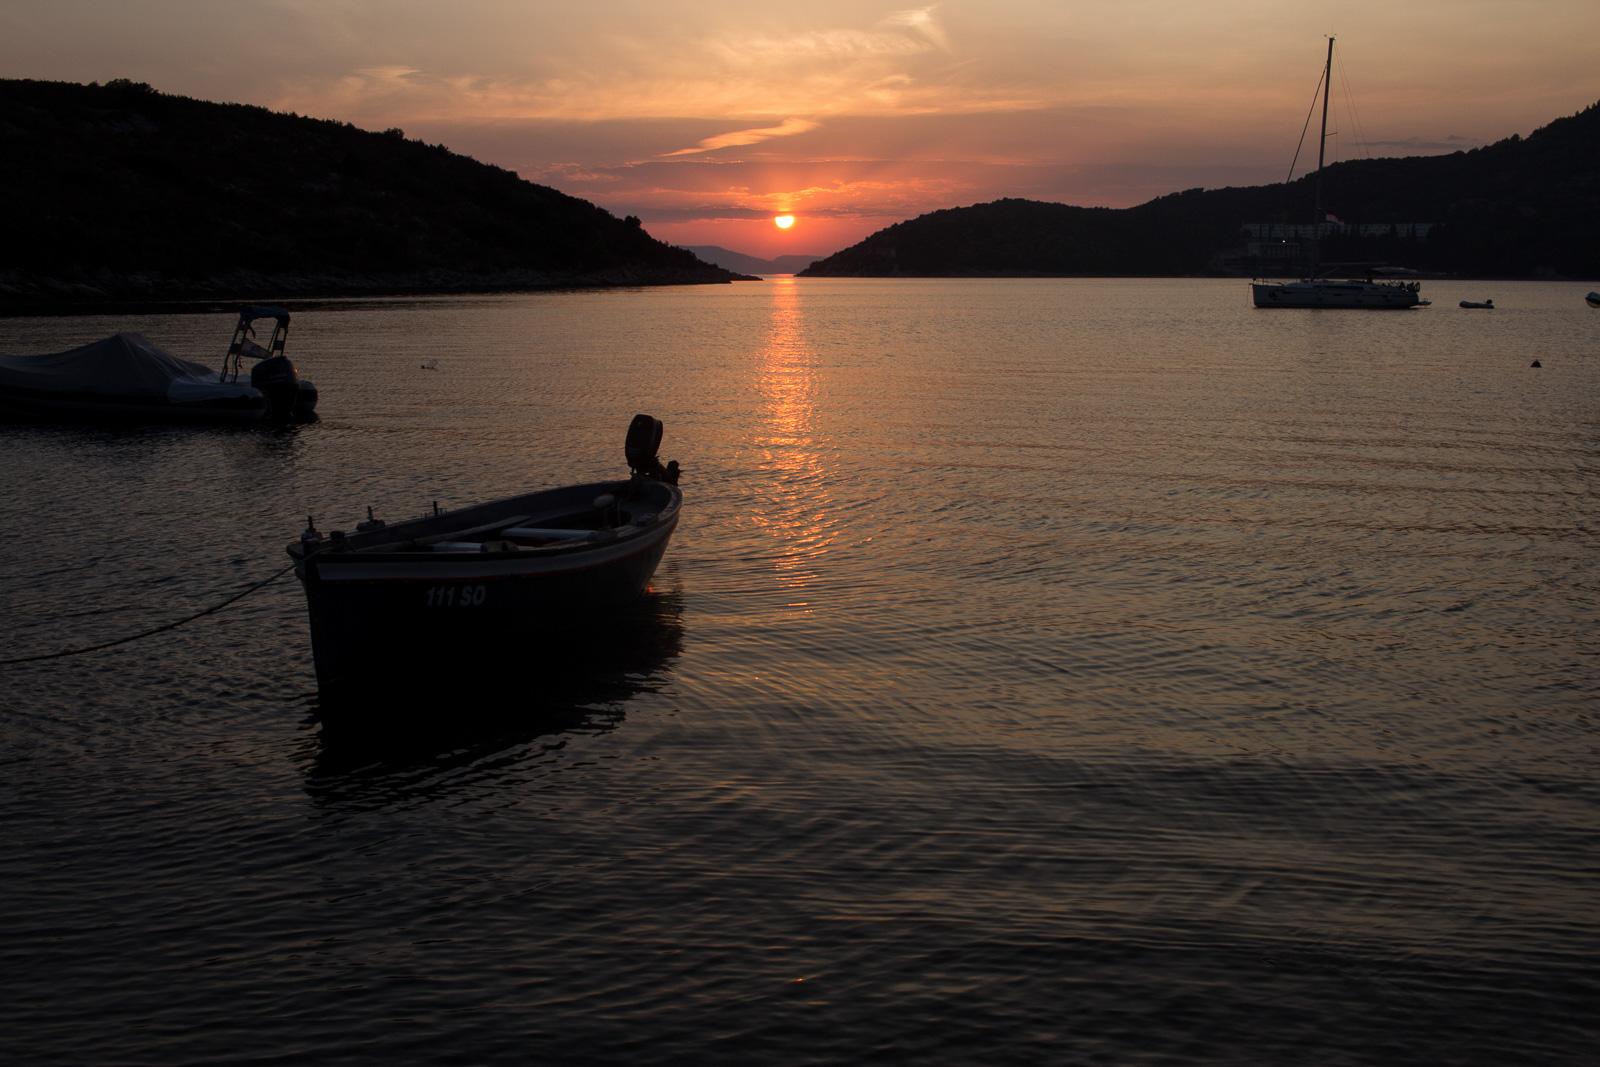 Sonnenuntergang am Meer - Slano, in der Nähe von Dubrovnik